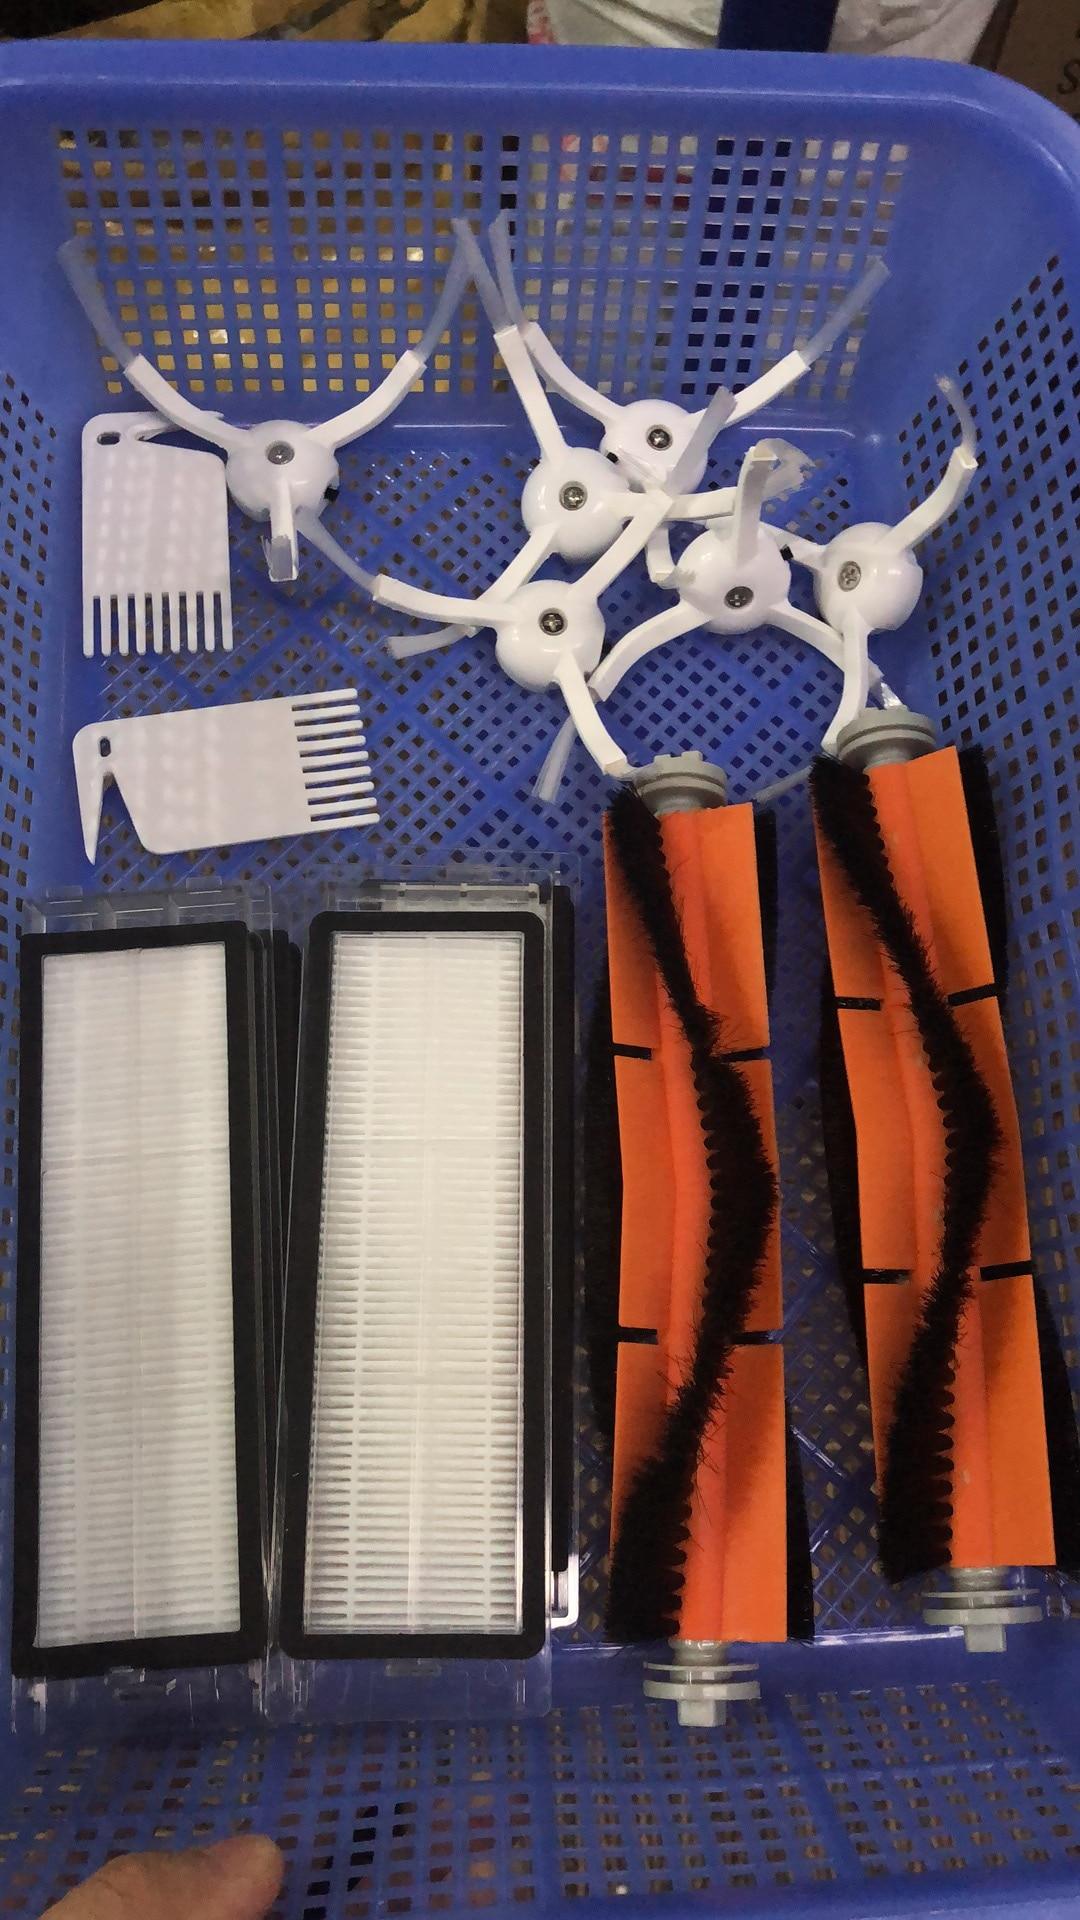 5 ensembles 6 x brosse latérale + 4x filtre HEPA + 2x brosse principale adapté pour xiaomi aspirateur 2 roborock s50 xiaomi roborock xiaomi mi Robo